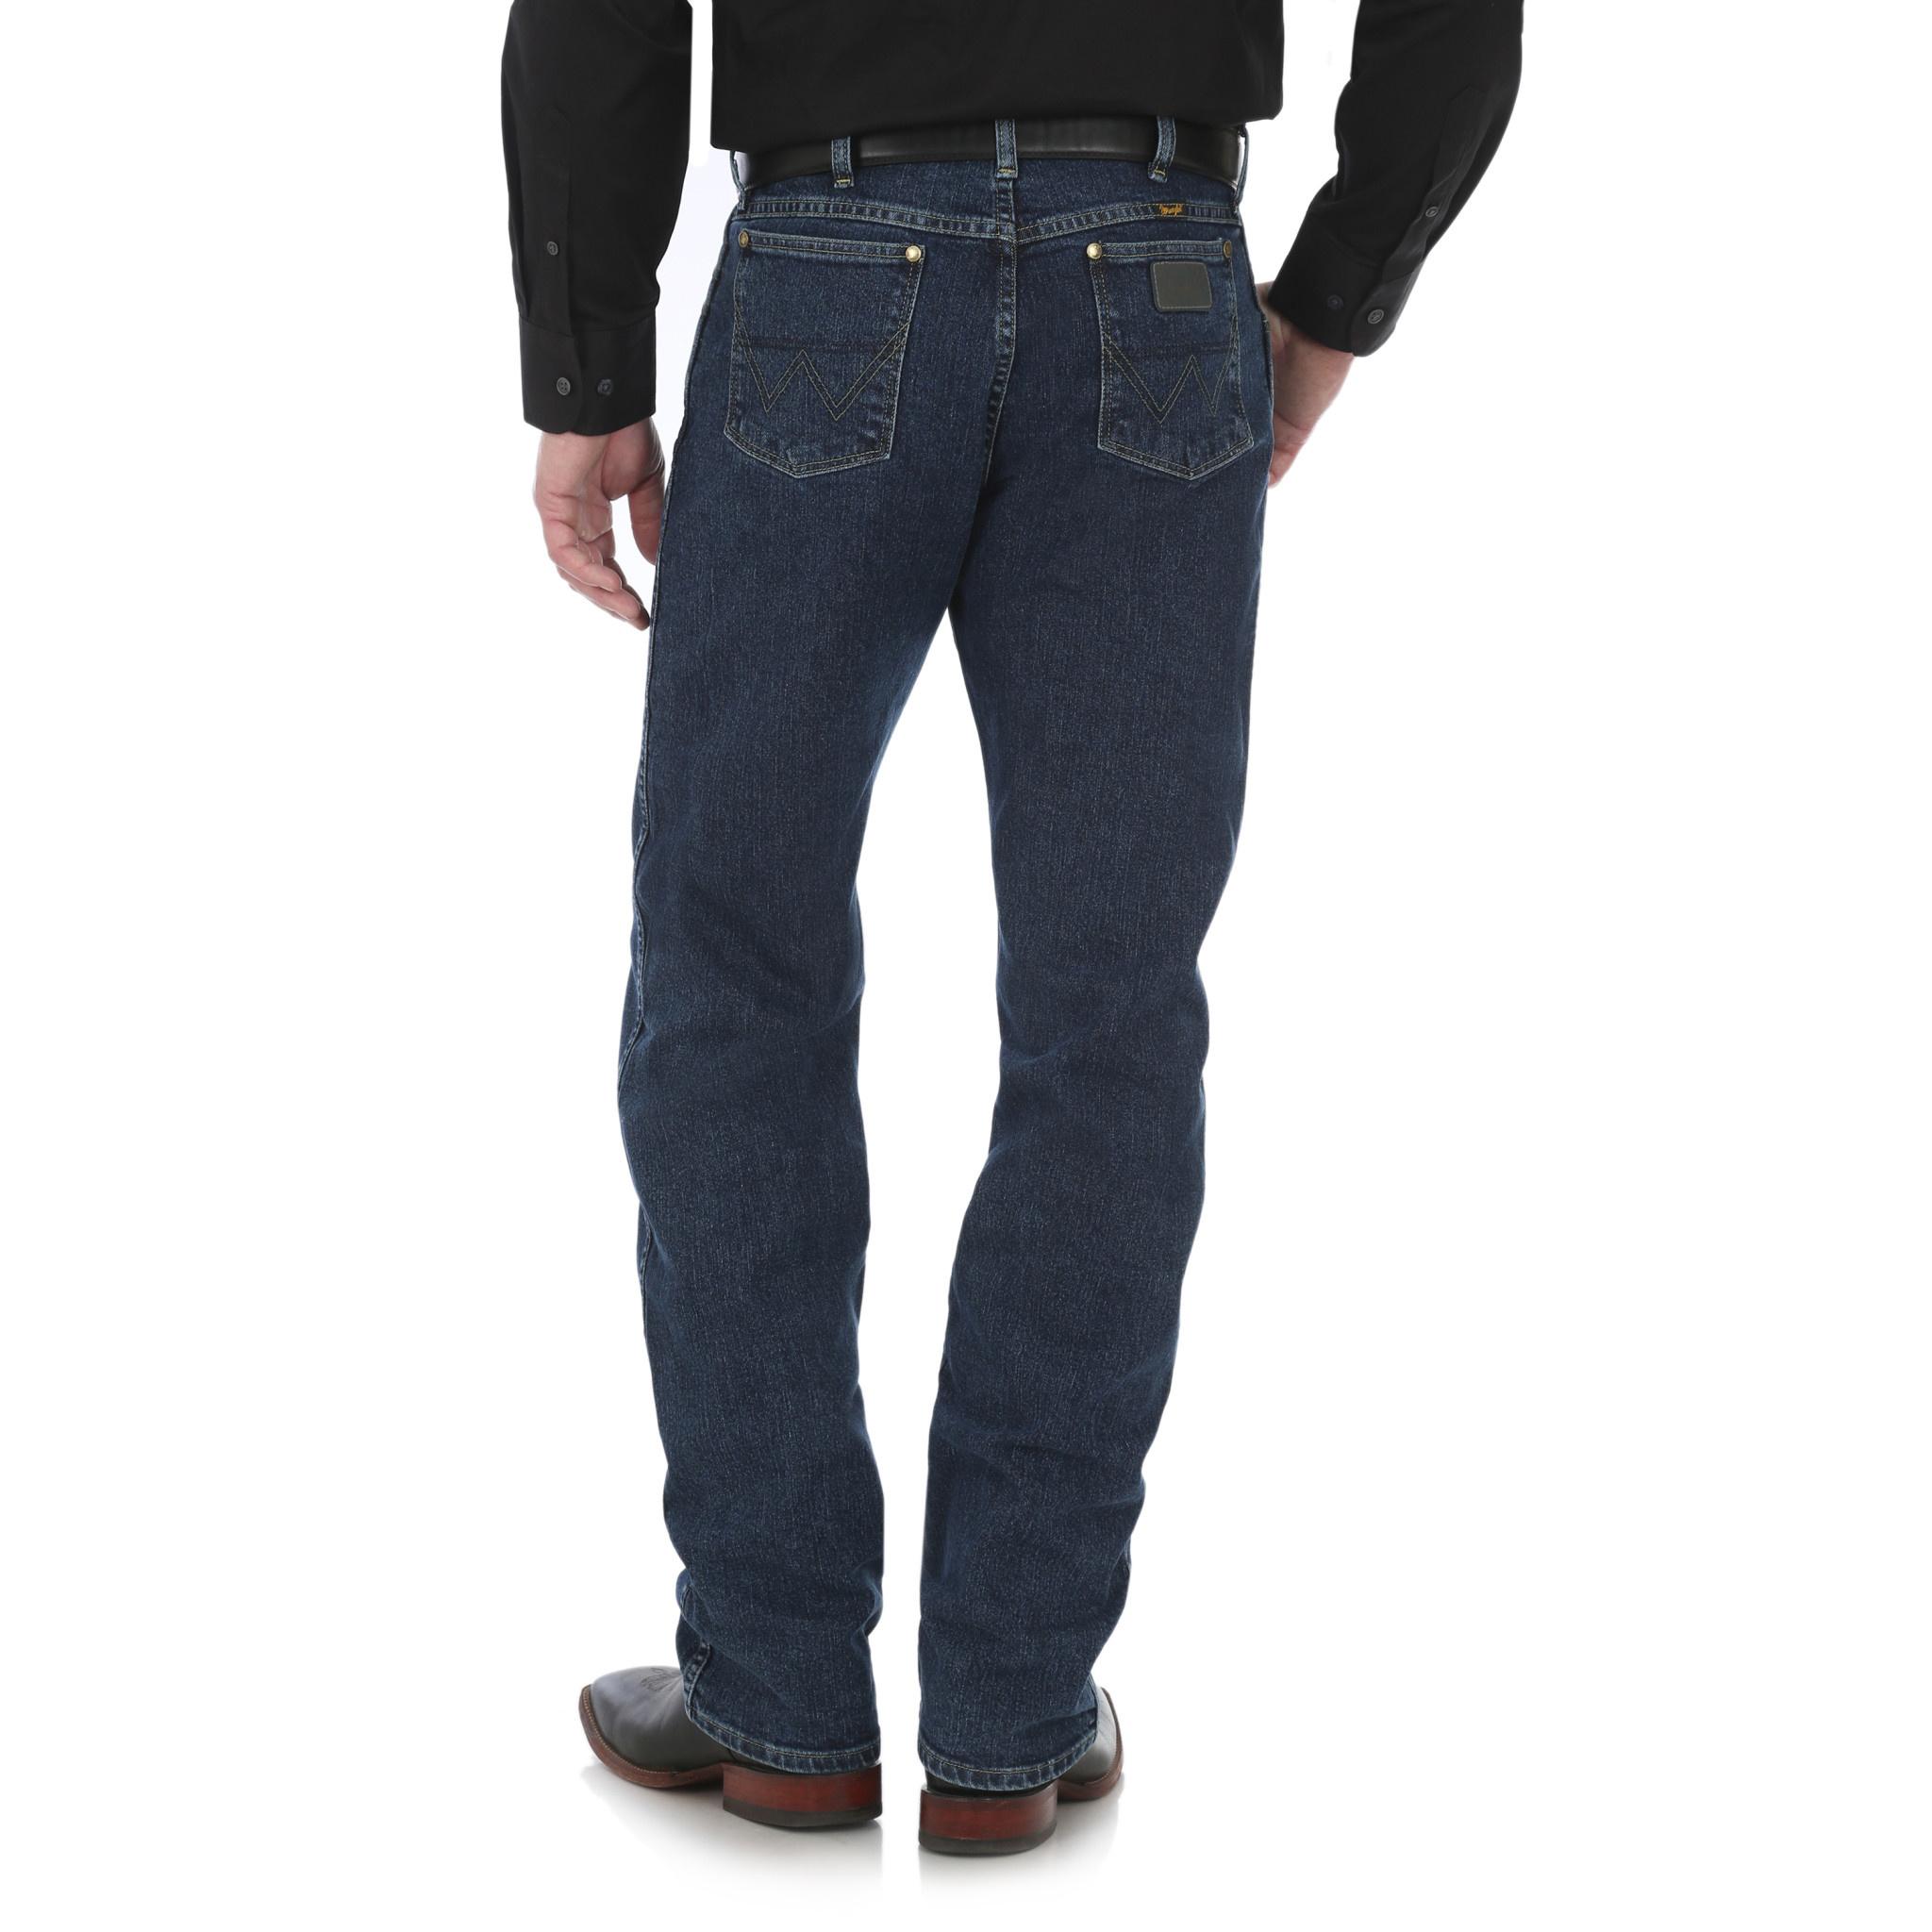 760106dda4d Men's Wrangler George Strait Cowboy Cut Jean 47MGSDA by Wrangler